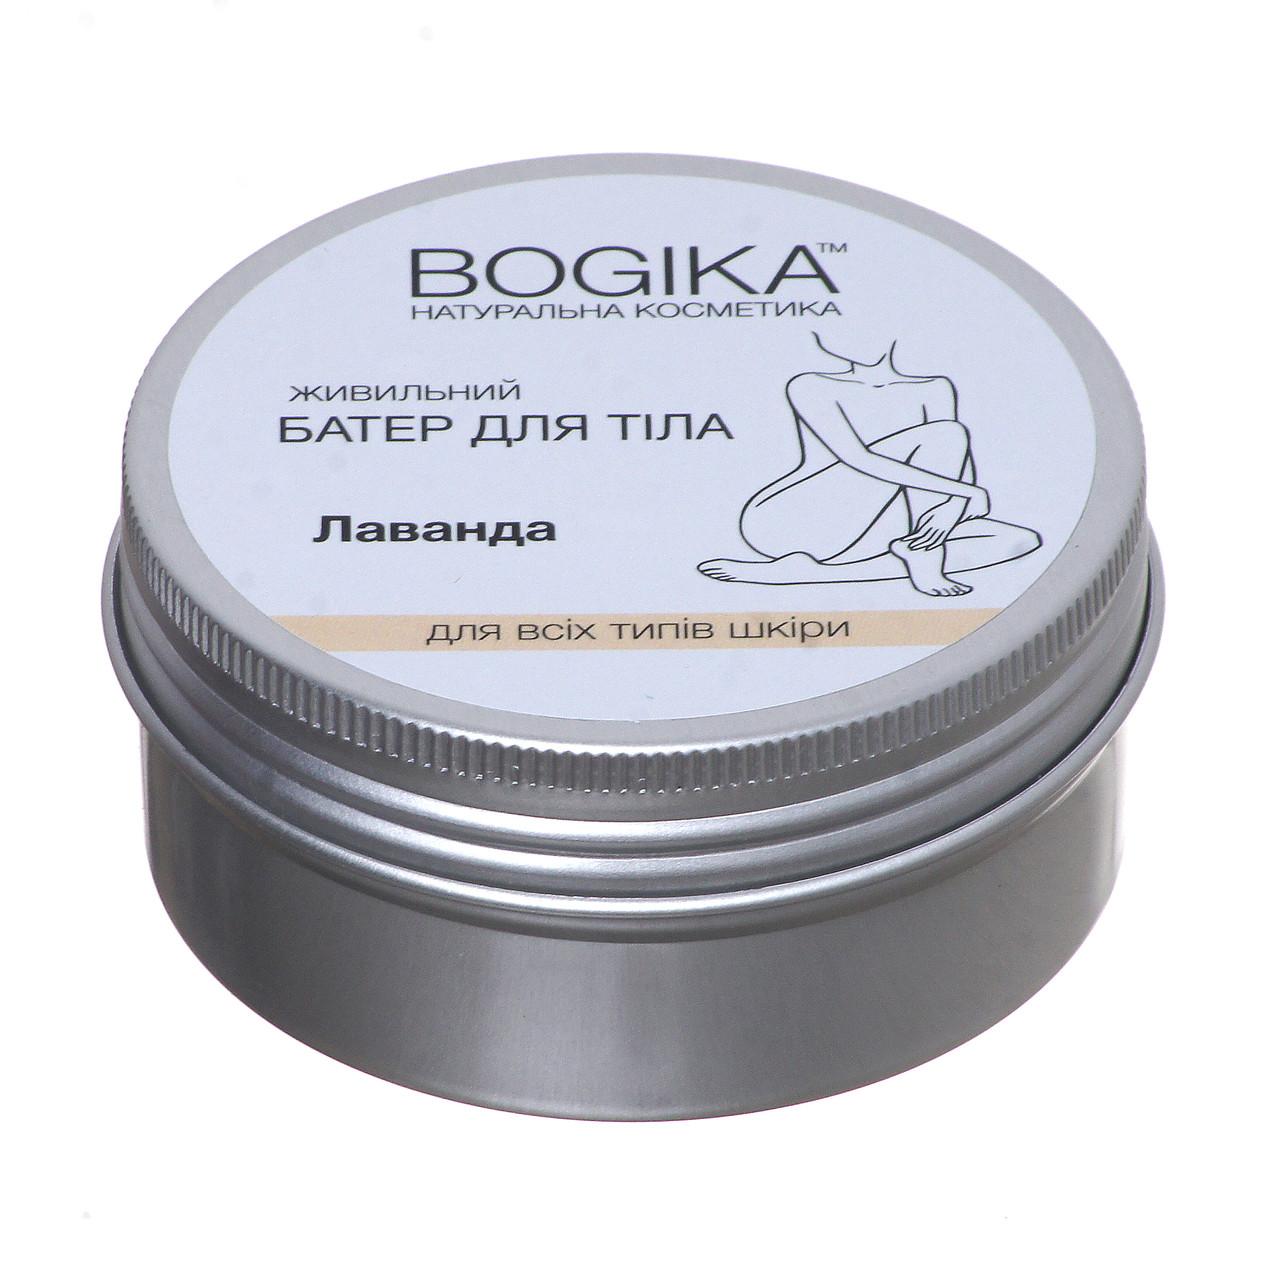 """Батер для тіла """"Лаванда"""" для живлення шкіри, BOGIKA (масло ши з ефірною олією лаванди)"""